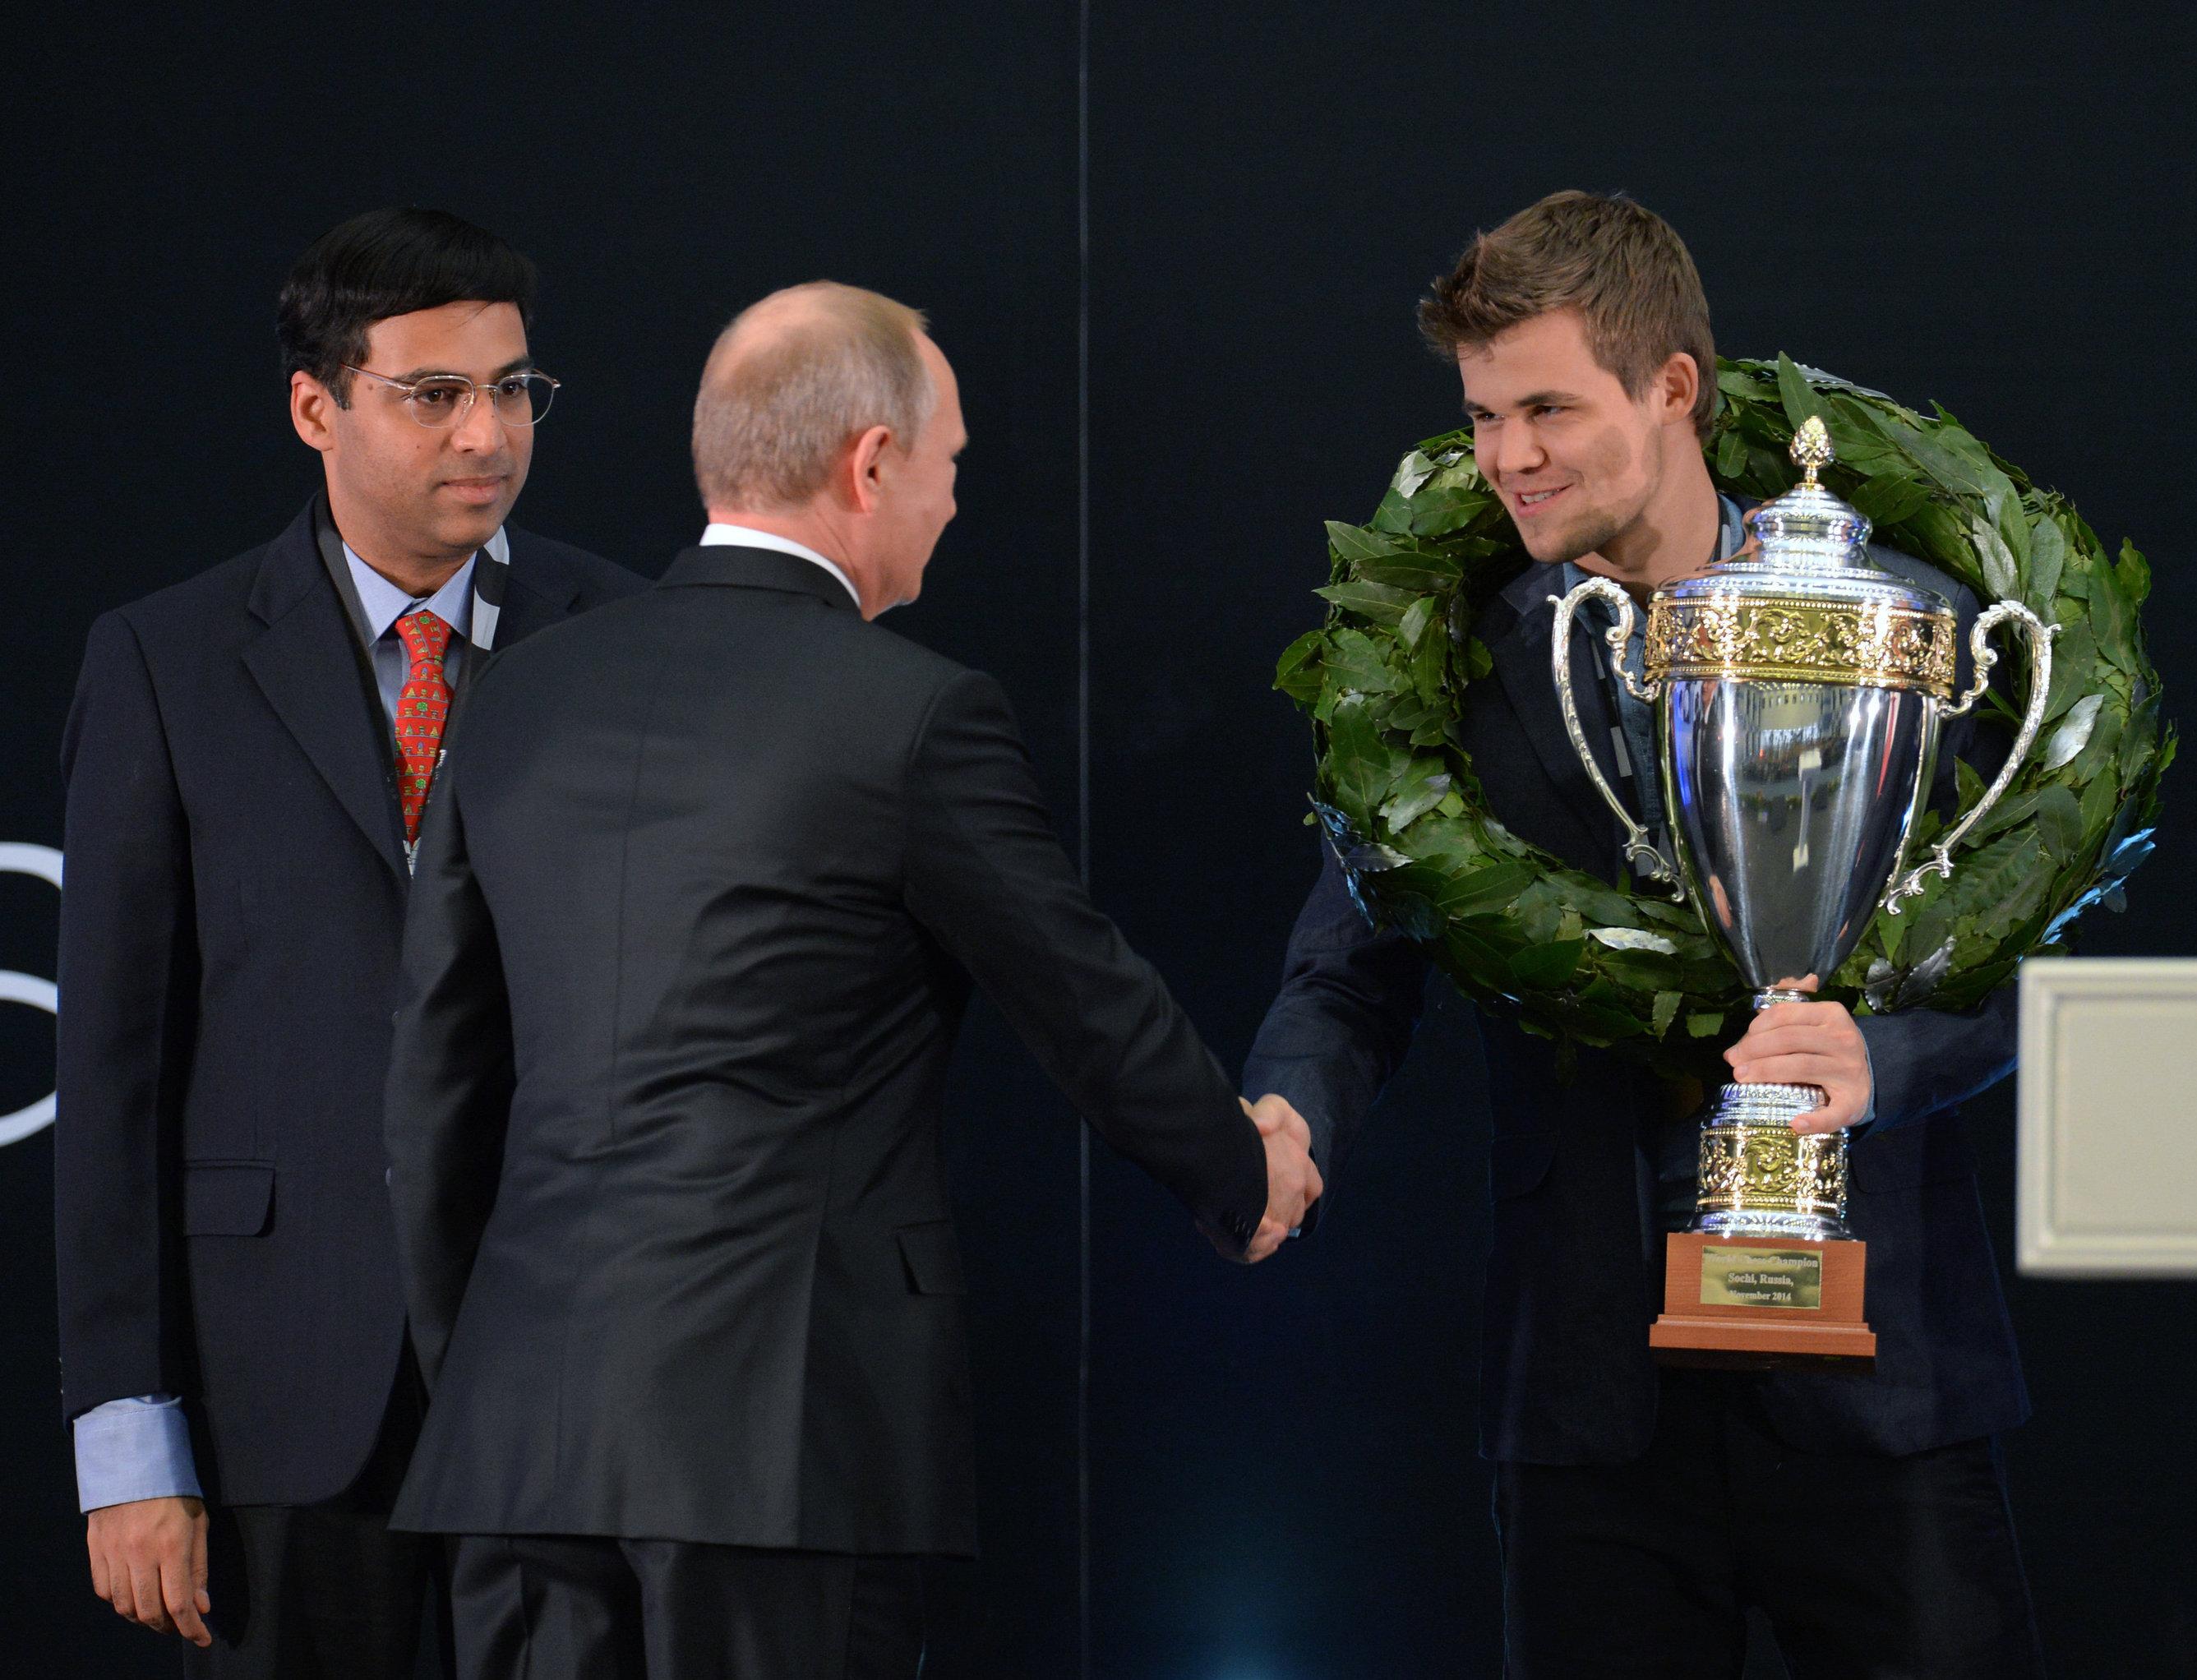 En 2014, Magnus Carlsen obtiene el título de Campeón Mundial tras una serie de partidos contra el indio Viswanathan Anand celebrados en Sochi